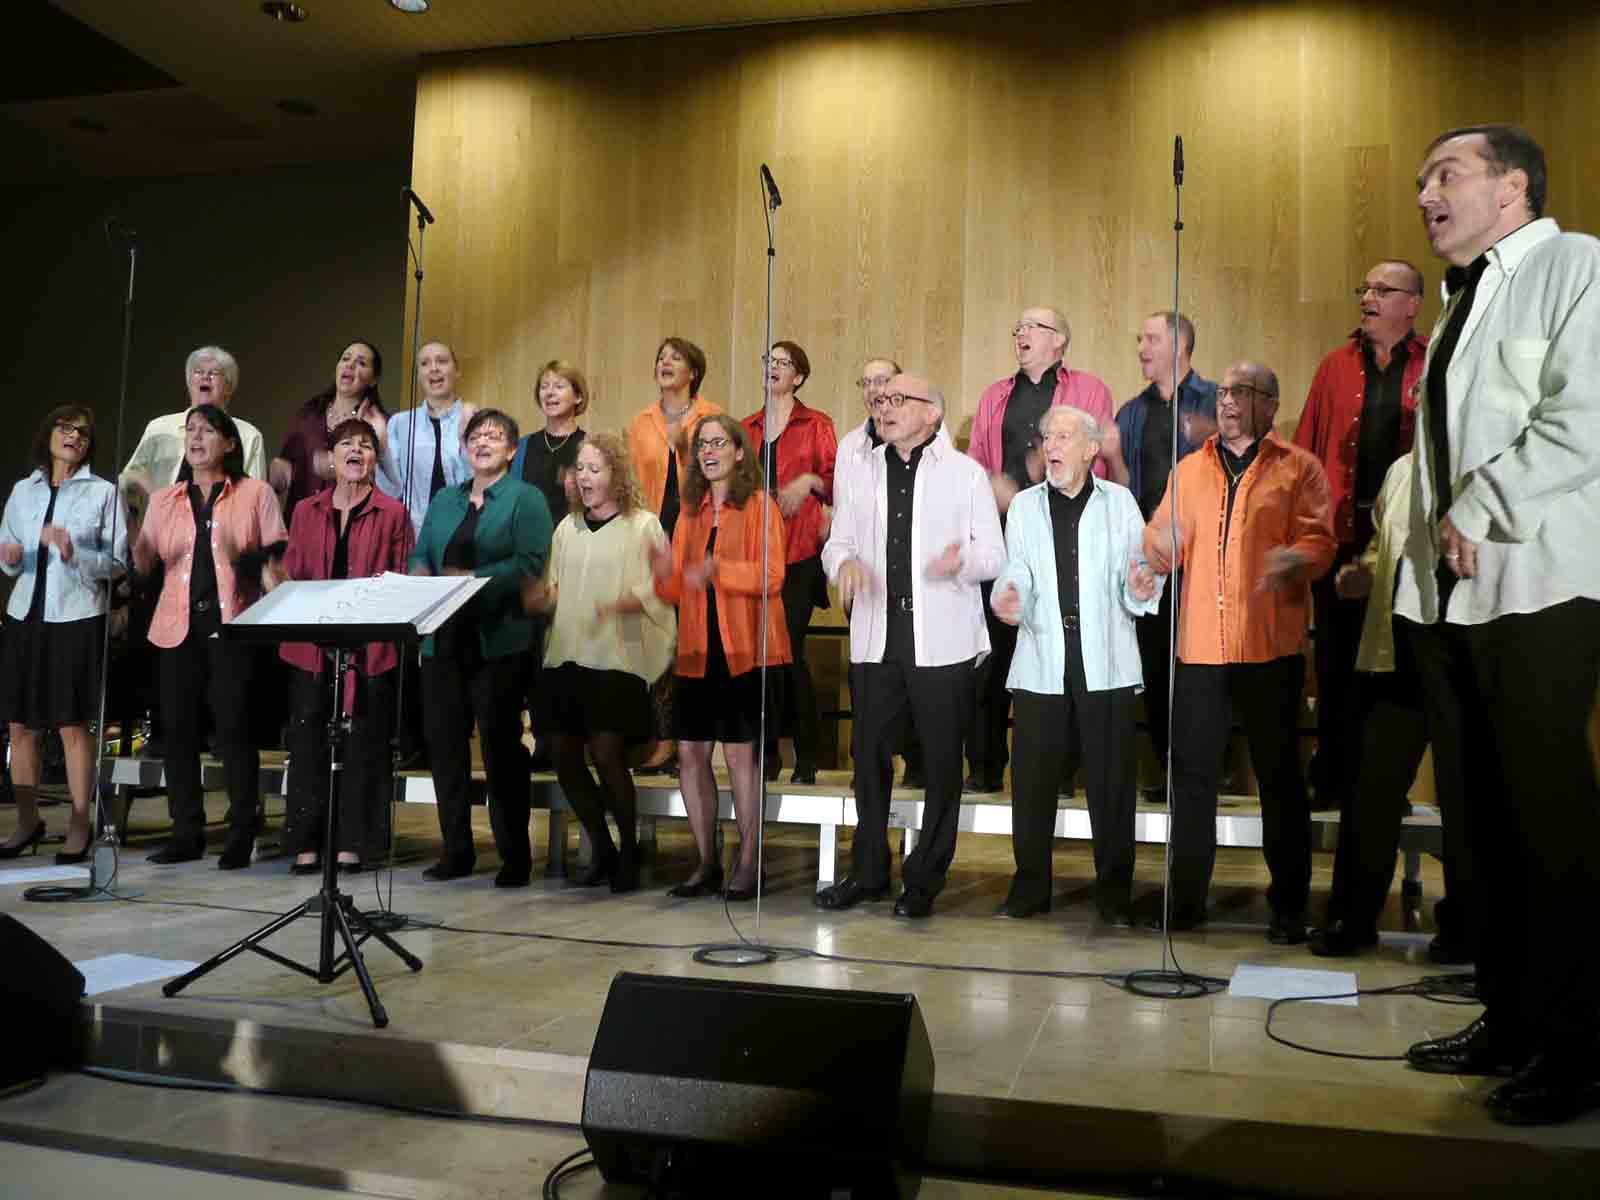 Energiegeladen und immer in Bewegung – die gospelsingers.ch an ihrem 25-Jahre-Jubiläum.